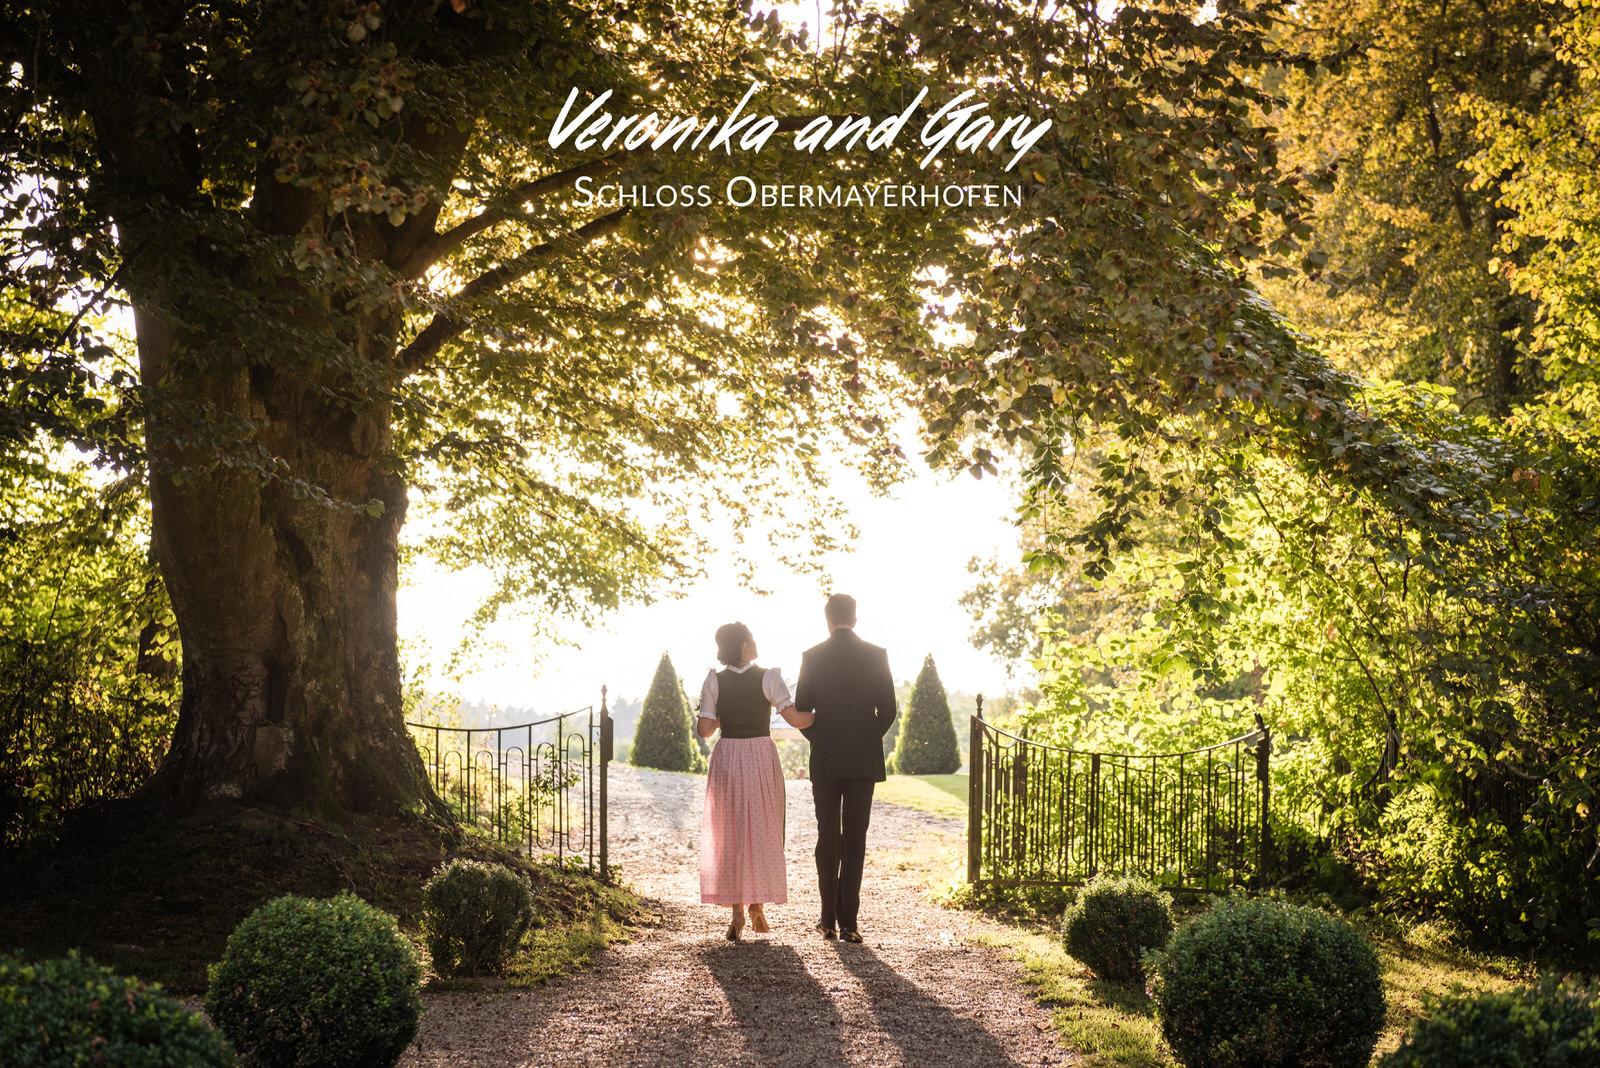 Veronika and Gary's Destination Wedding - Schloss Obermayerhofen